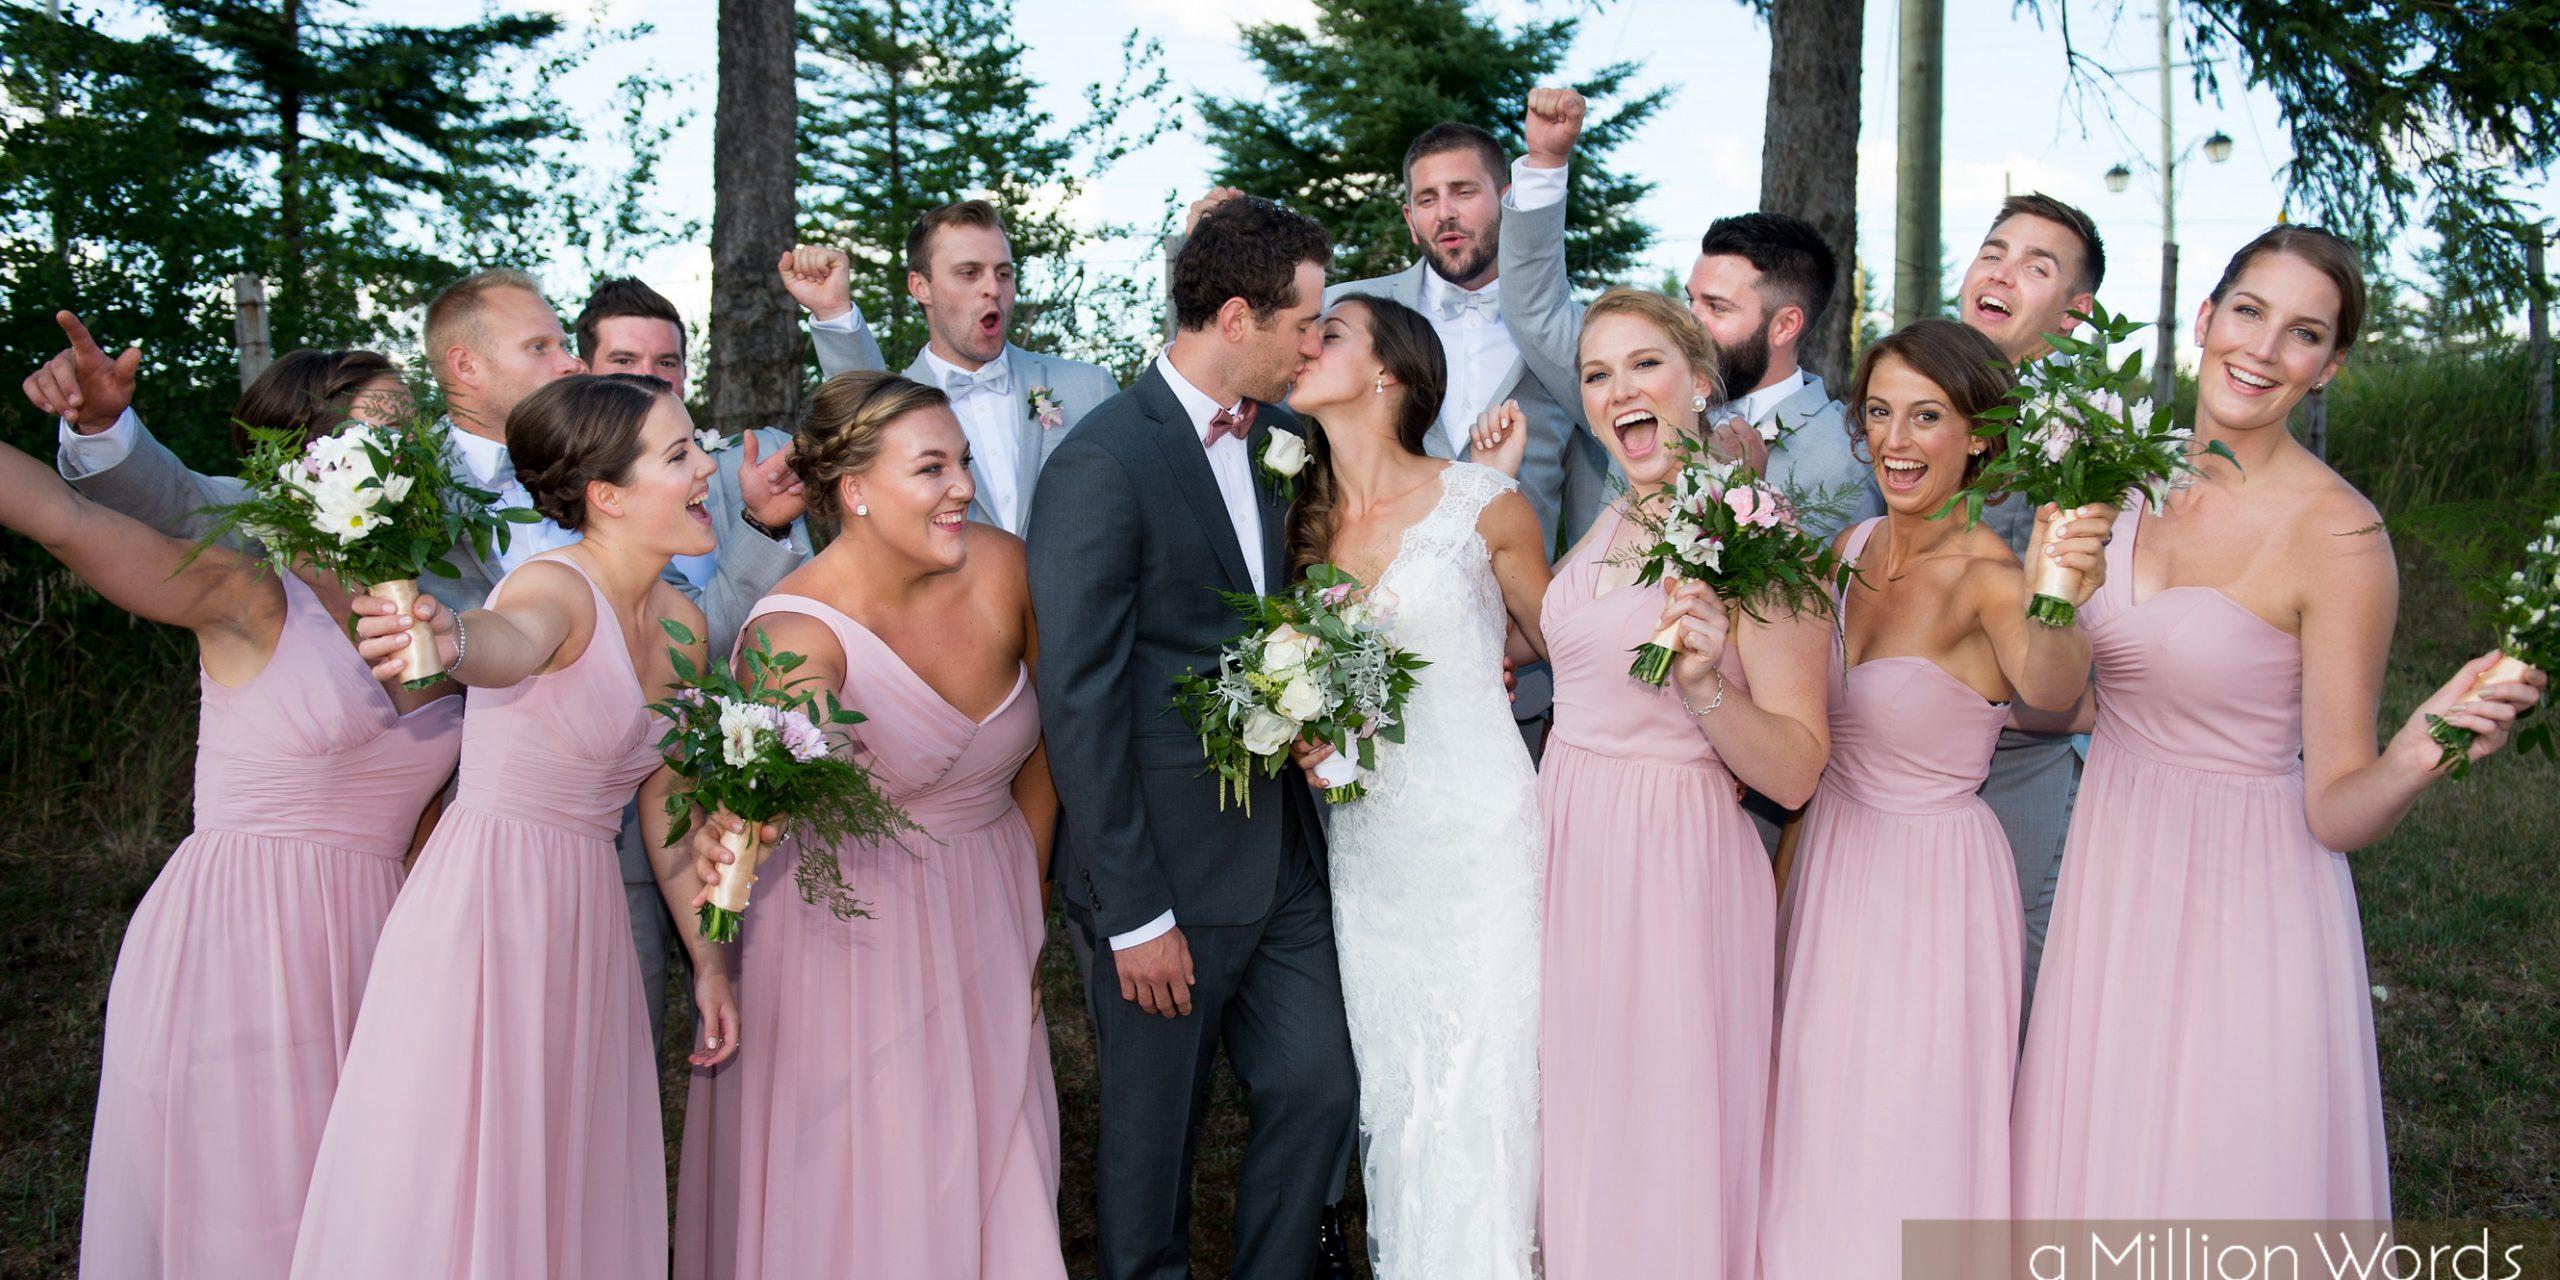 kw_wedding_photography37